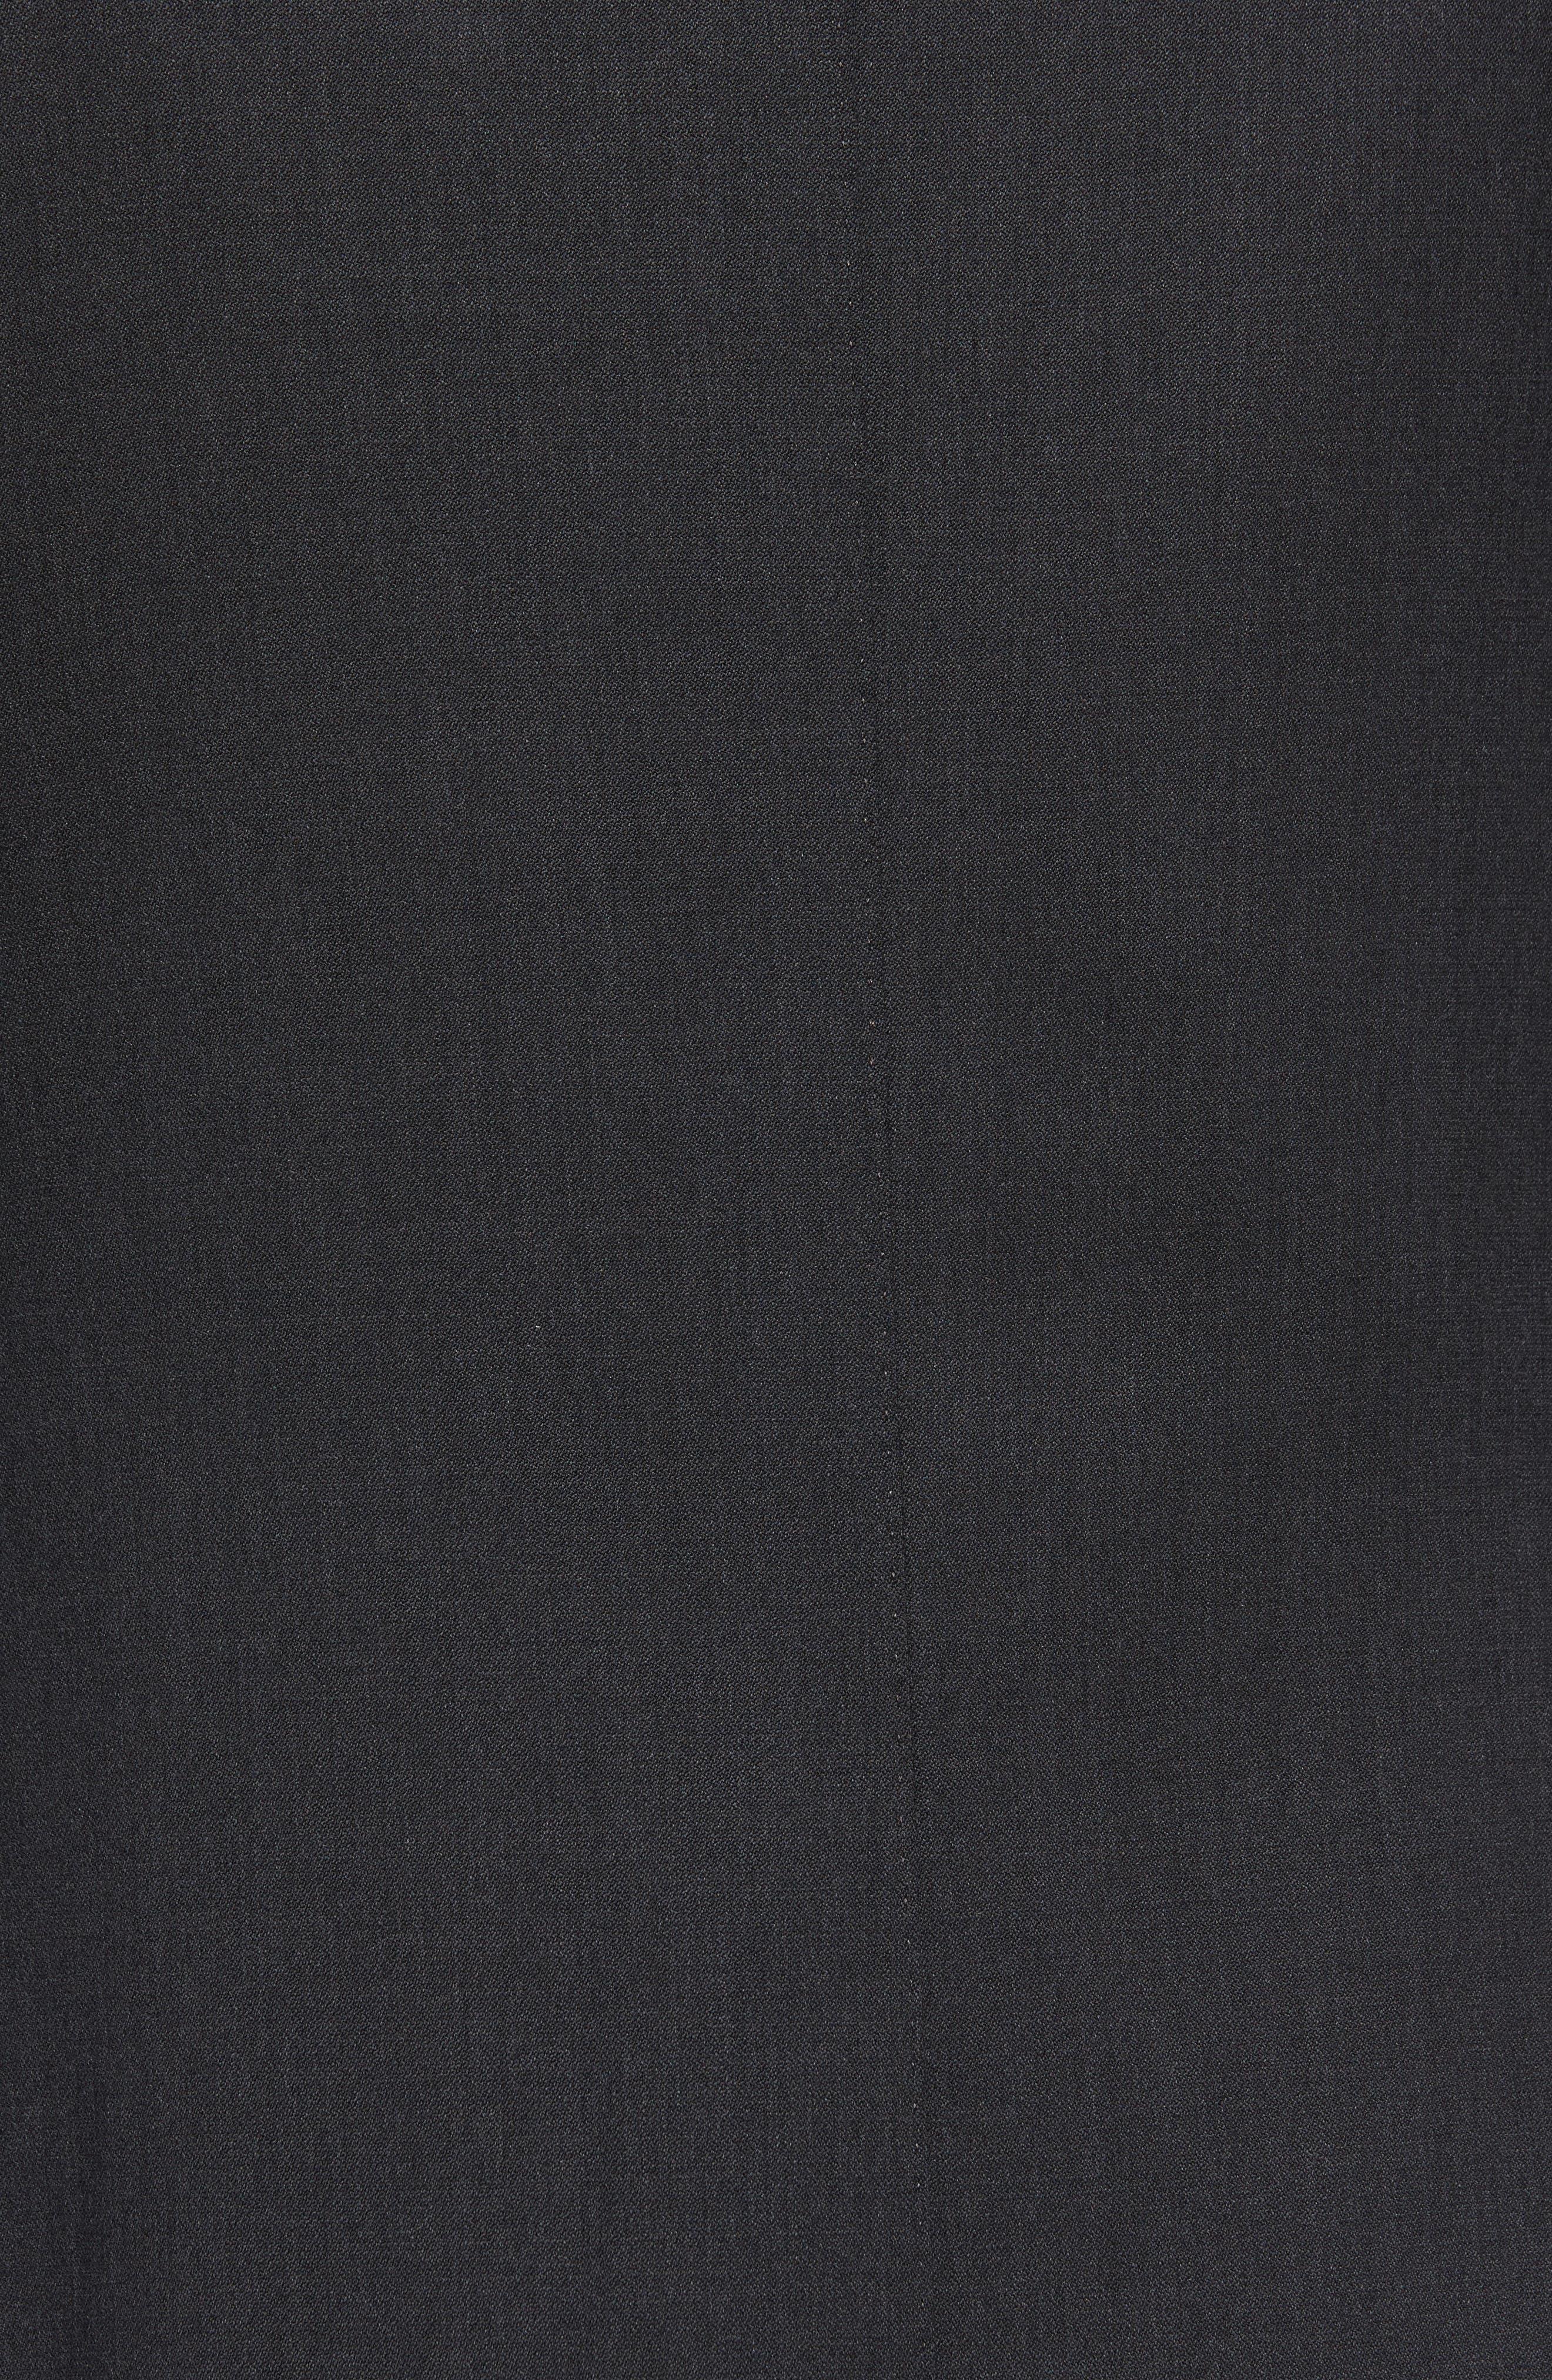 Keidis Aim Classic Fit Stretch Wool Suit,                             Alternate thumbnail 7, color,                             014